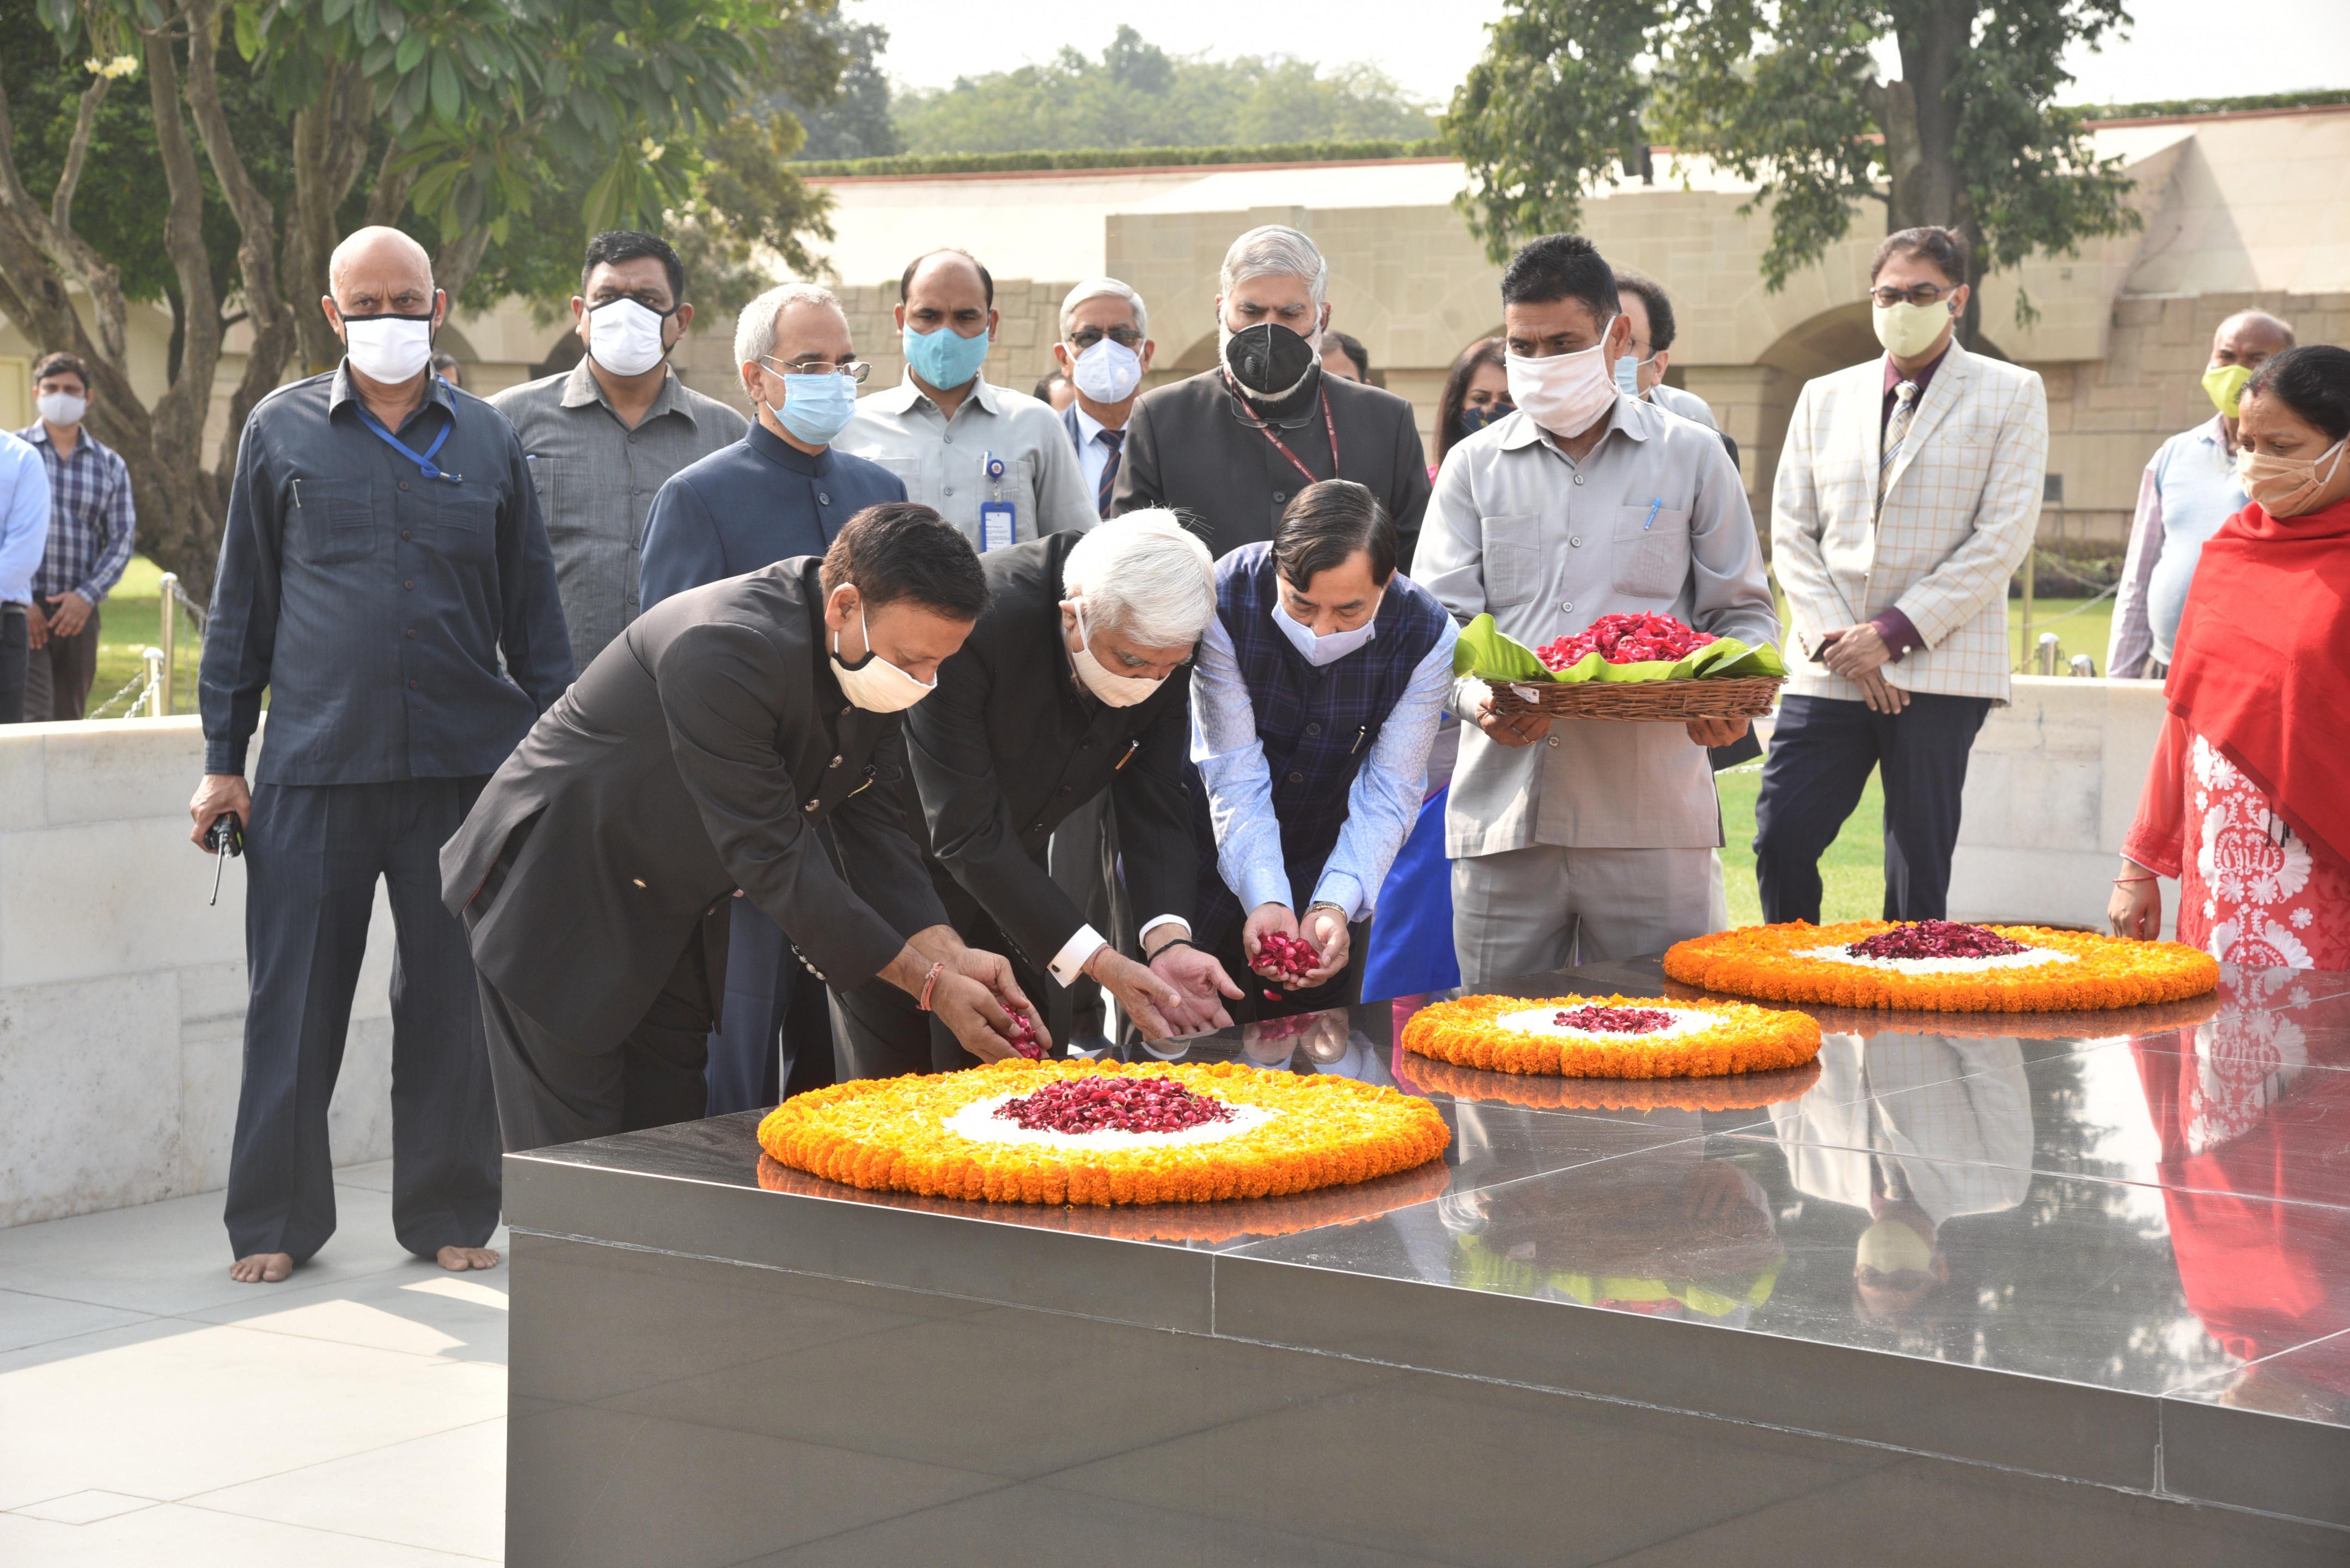 Hon'ble CEC & ECs offer floral tributes to Mahatma Gandhi at Rajghat,12th November 2020